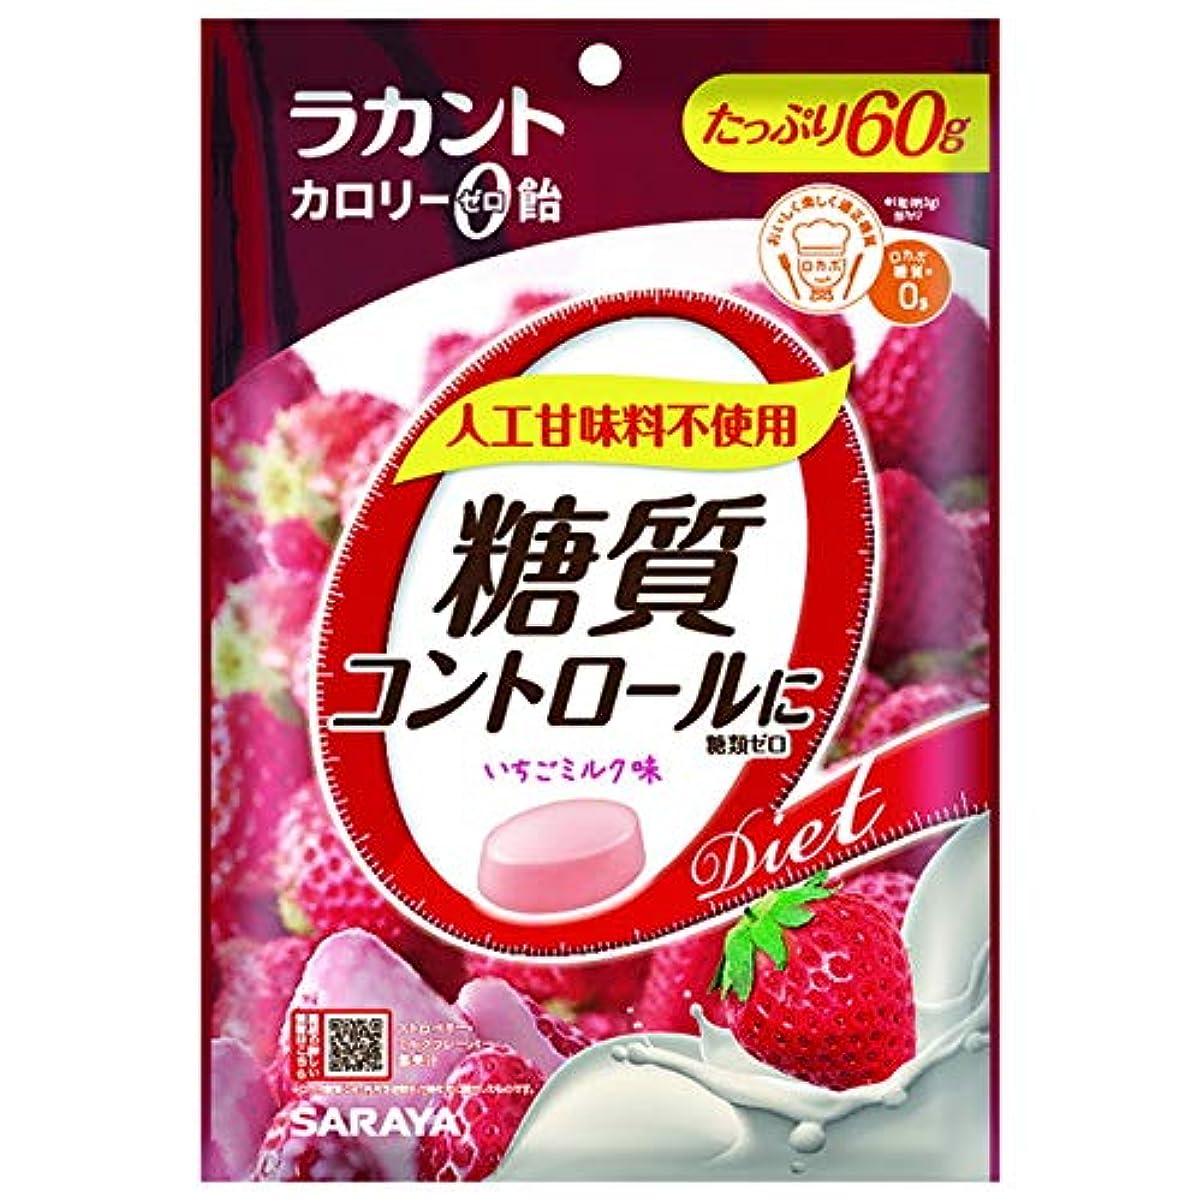 回答ライオネルグリーンストリート爆弾ラカント カロリーゼロ飴 いちごミルク 60g【3個セット】